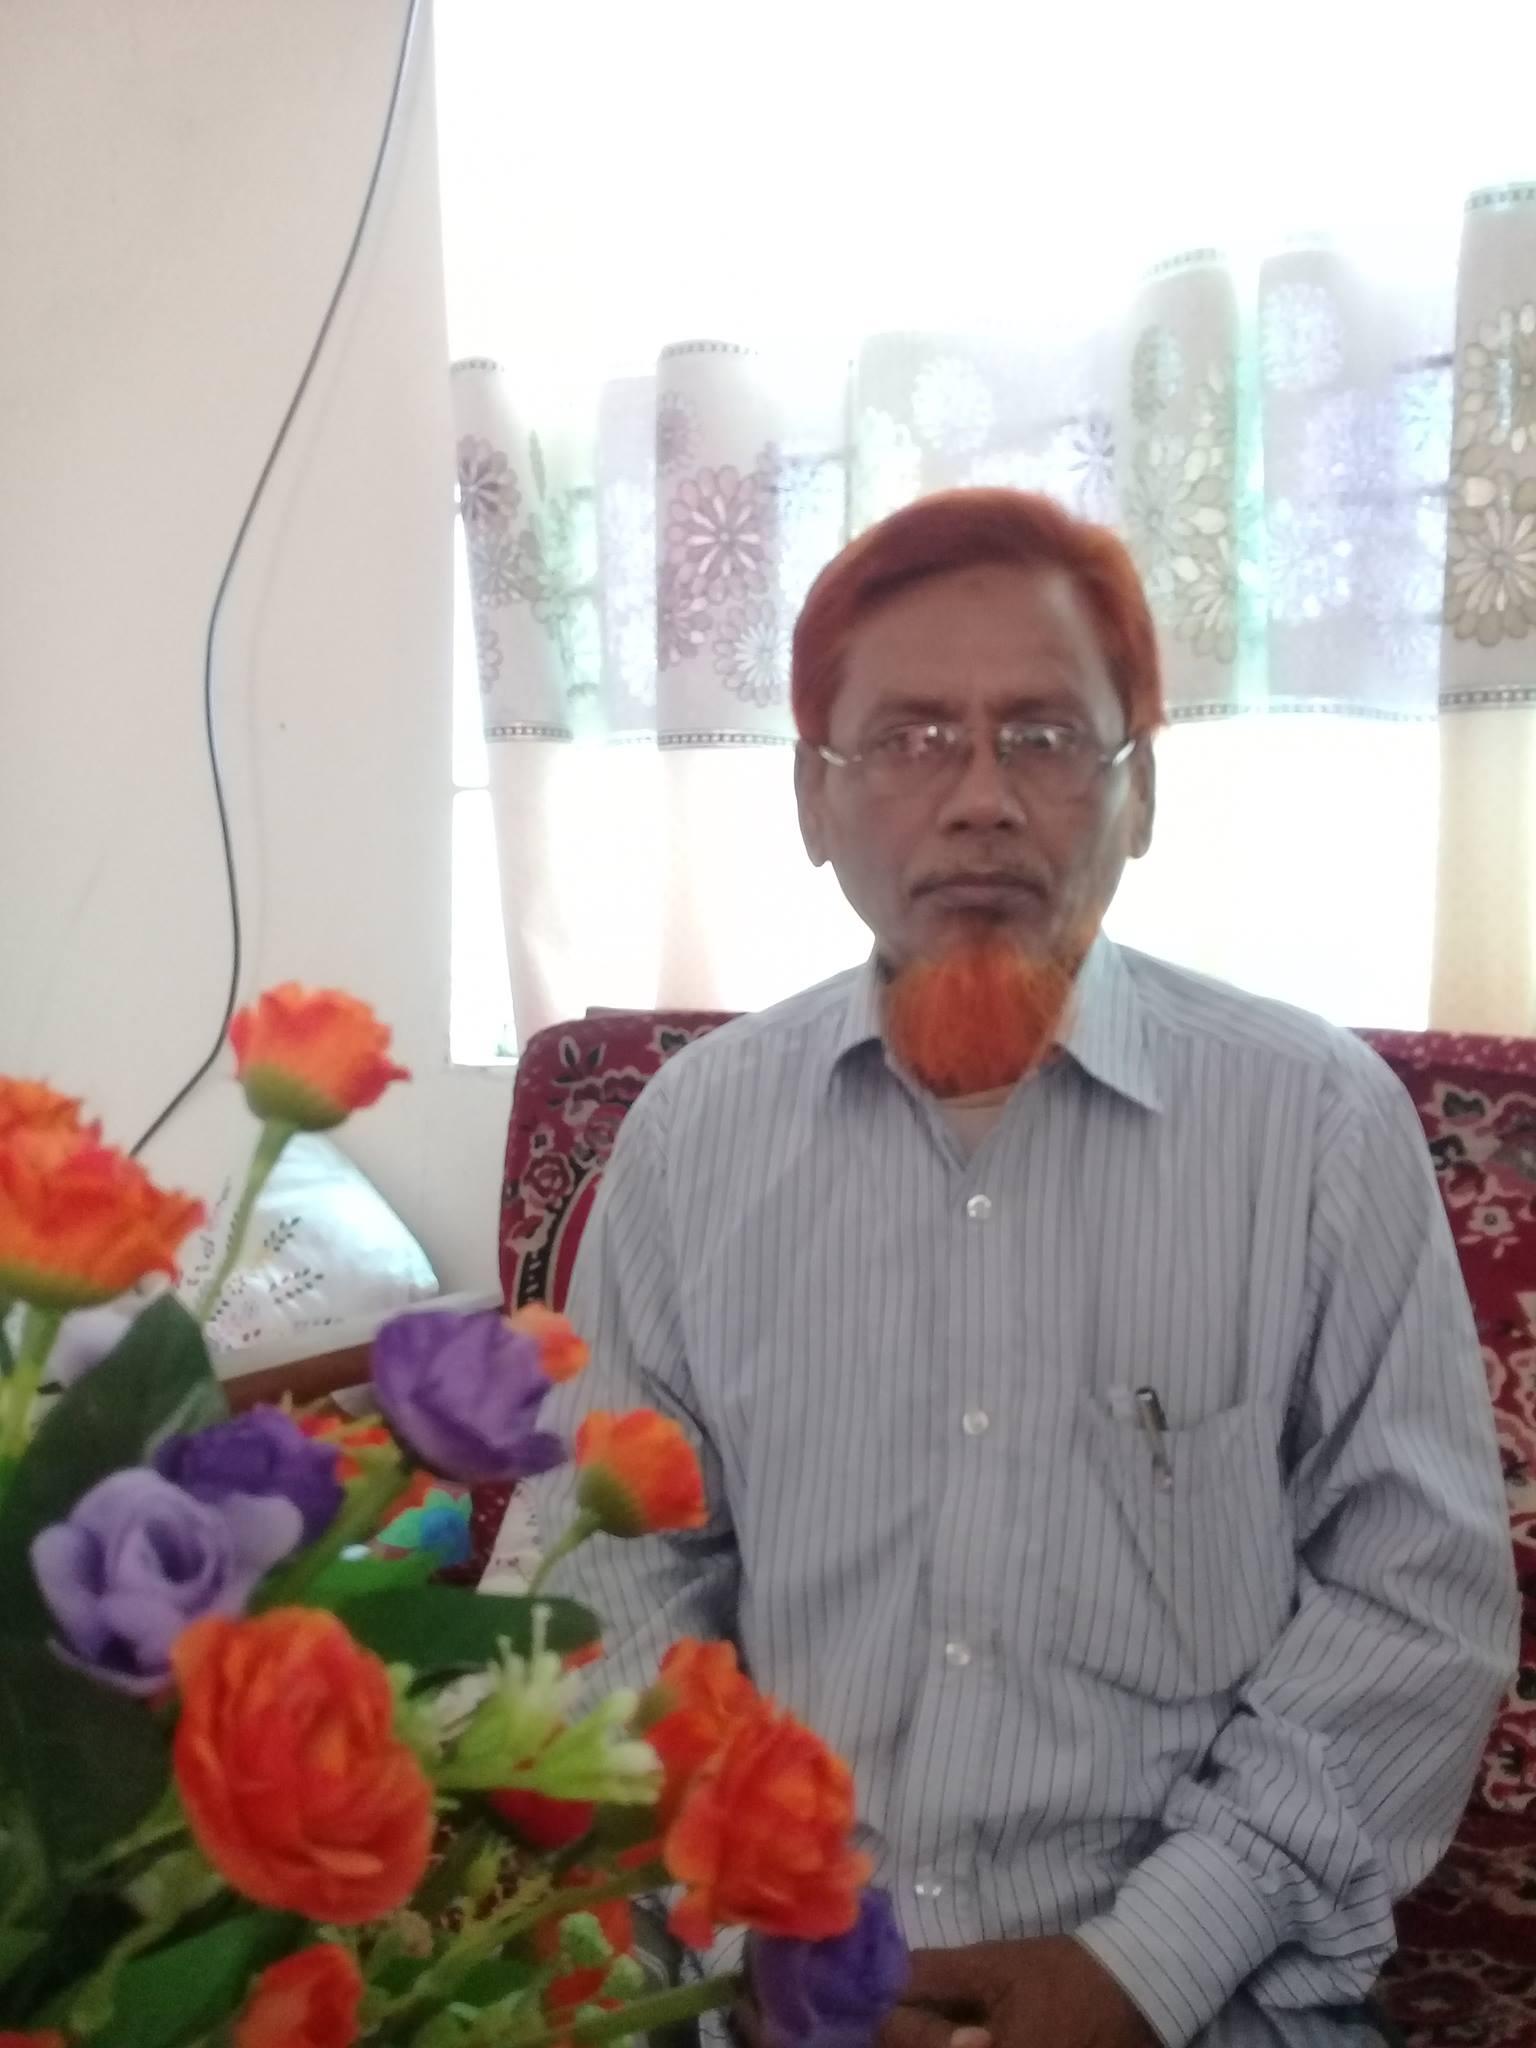 ড. প্রকৌঃ মোঃ ফরিদ উদ্দিন, ভারপ্রাপ্ত অধ্যক্ষ